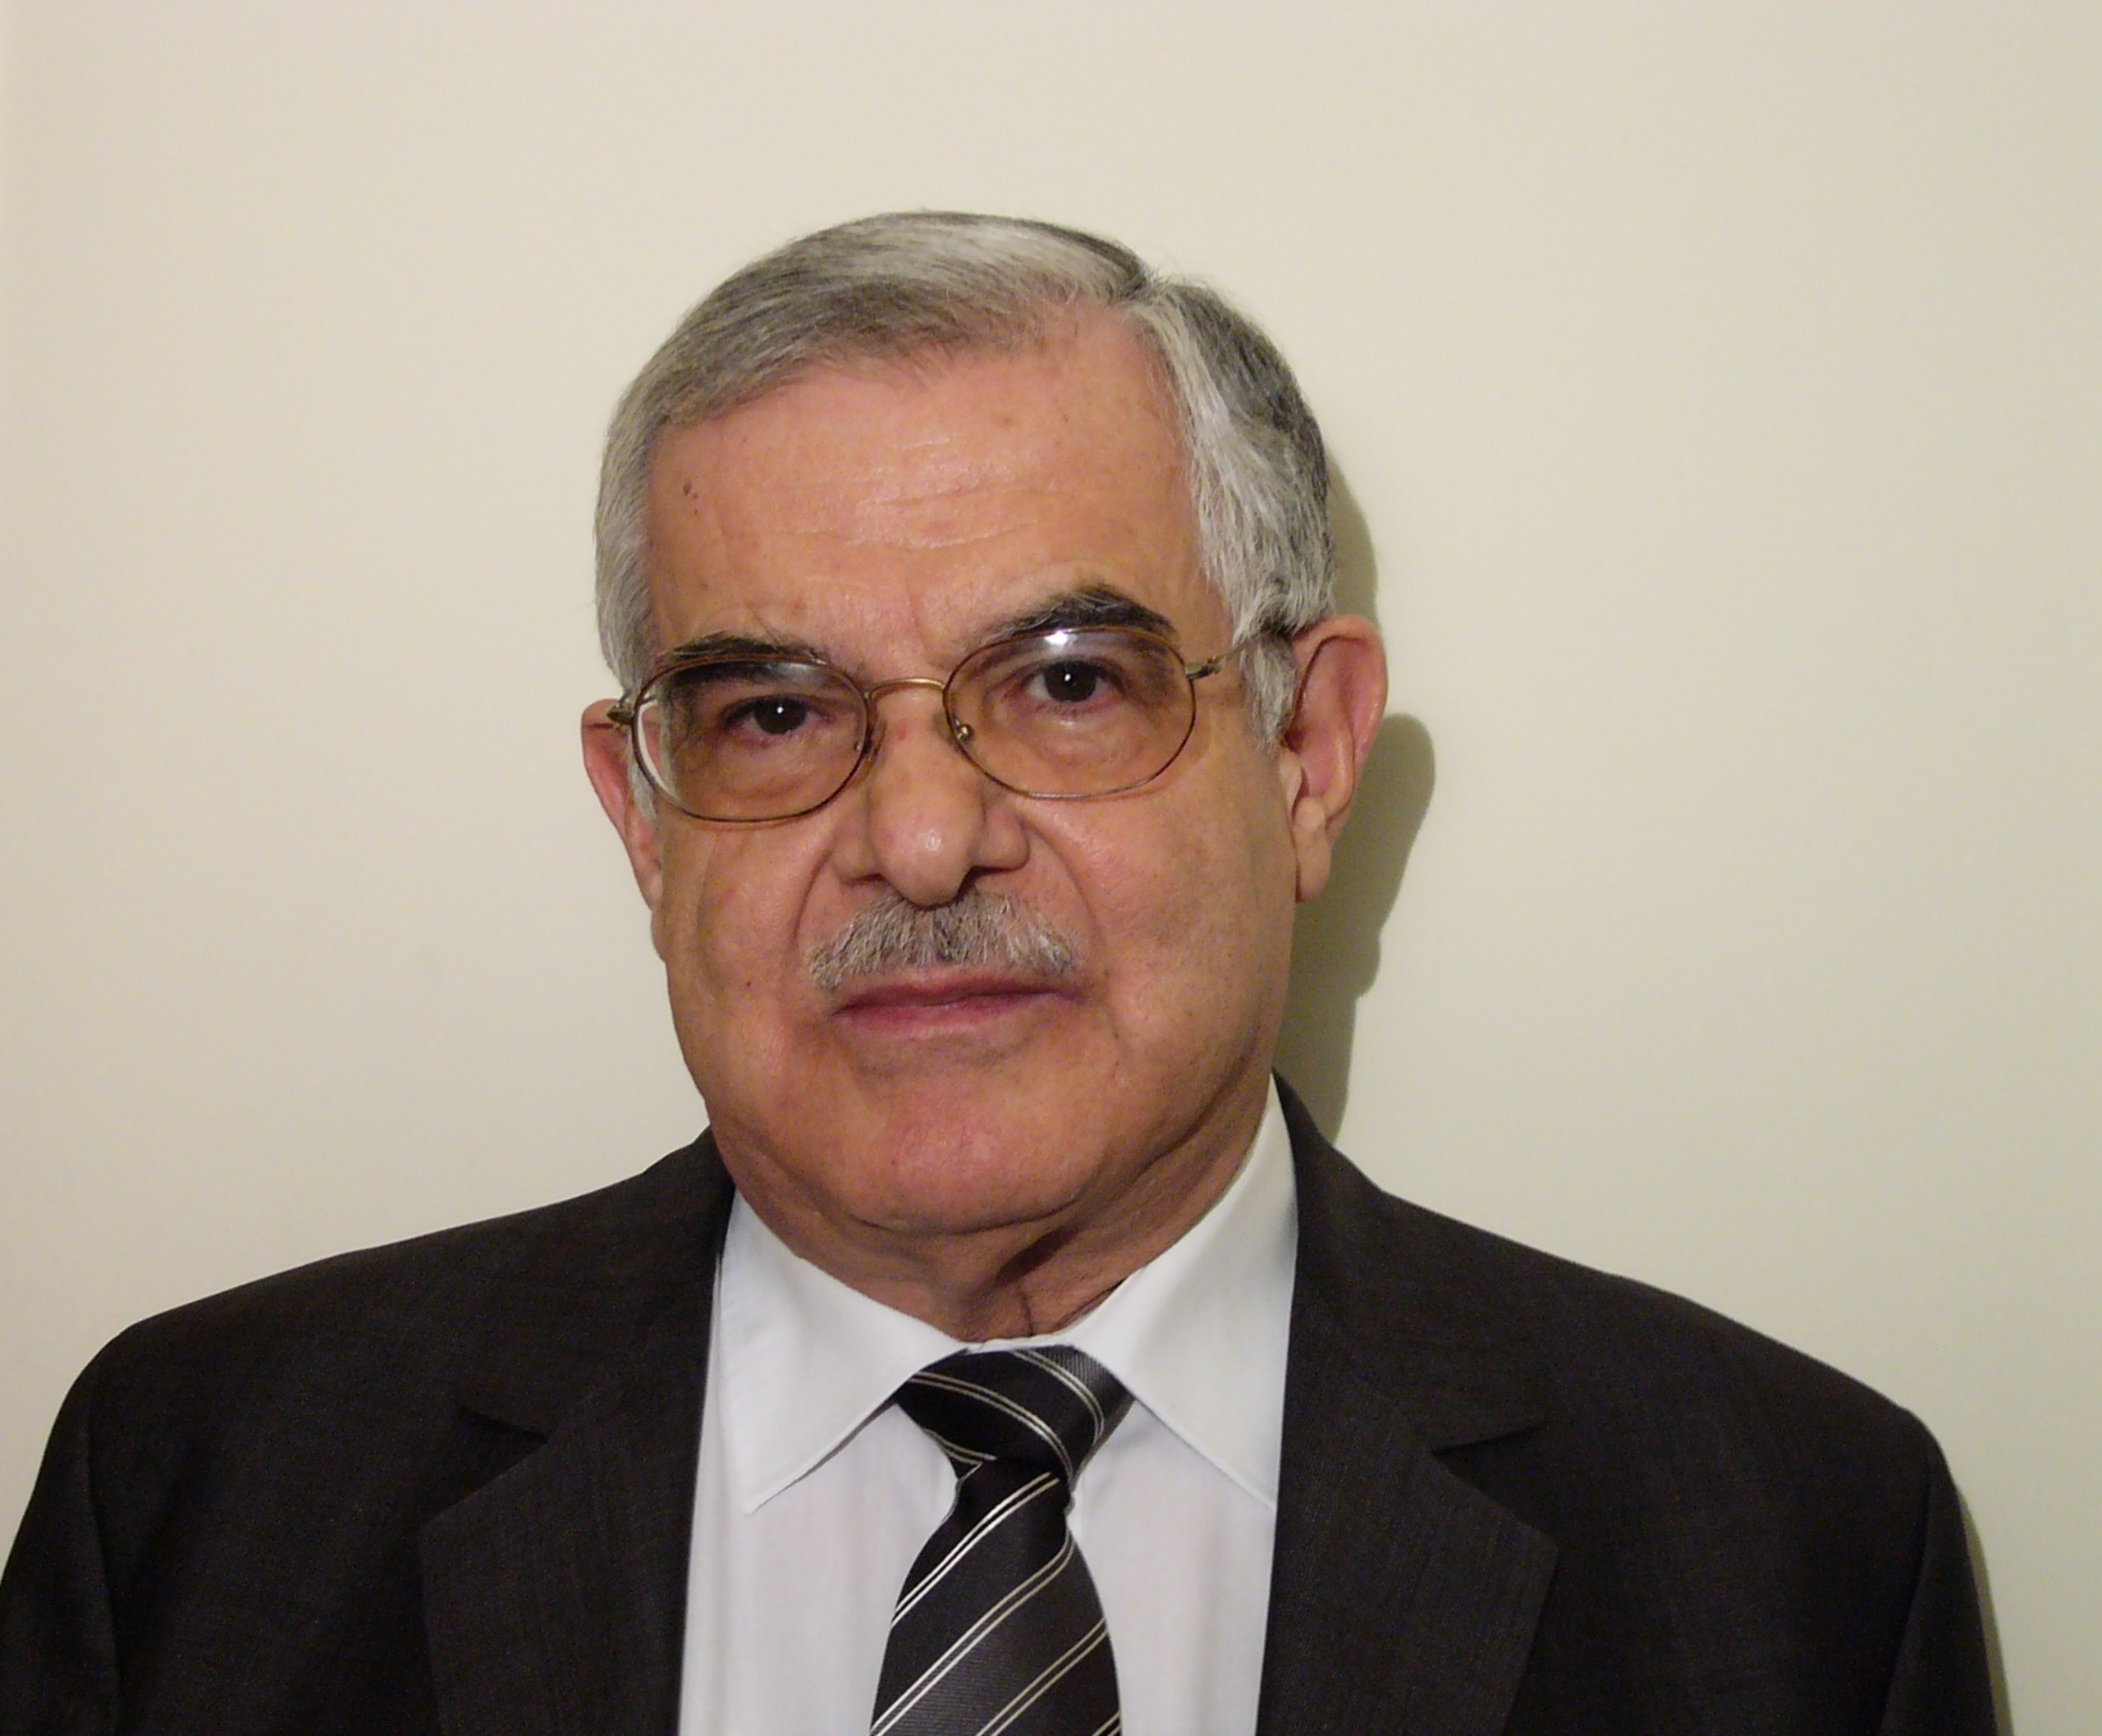 Mahmoud Abdul Baki BE Civil Engg American University Of Beirut 1960 ME 1966